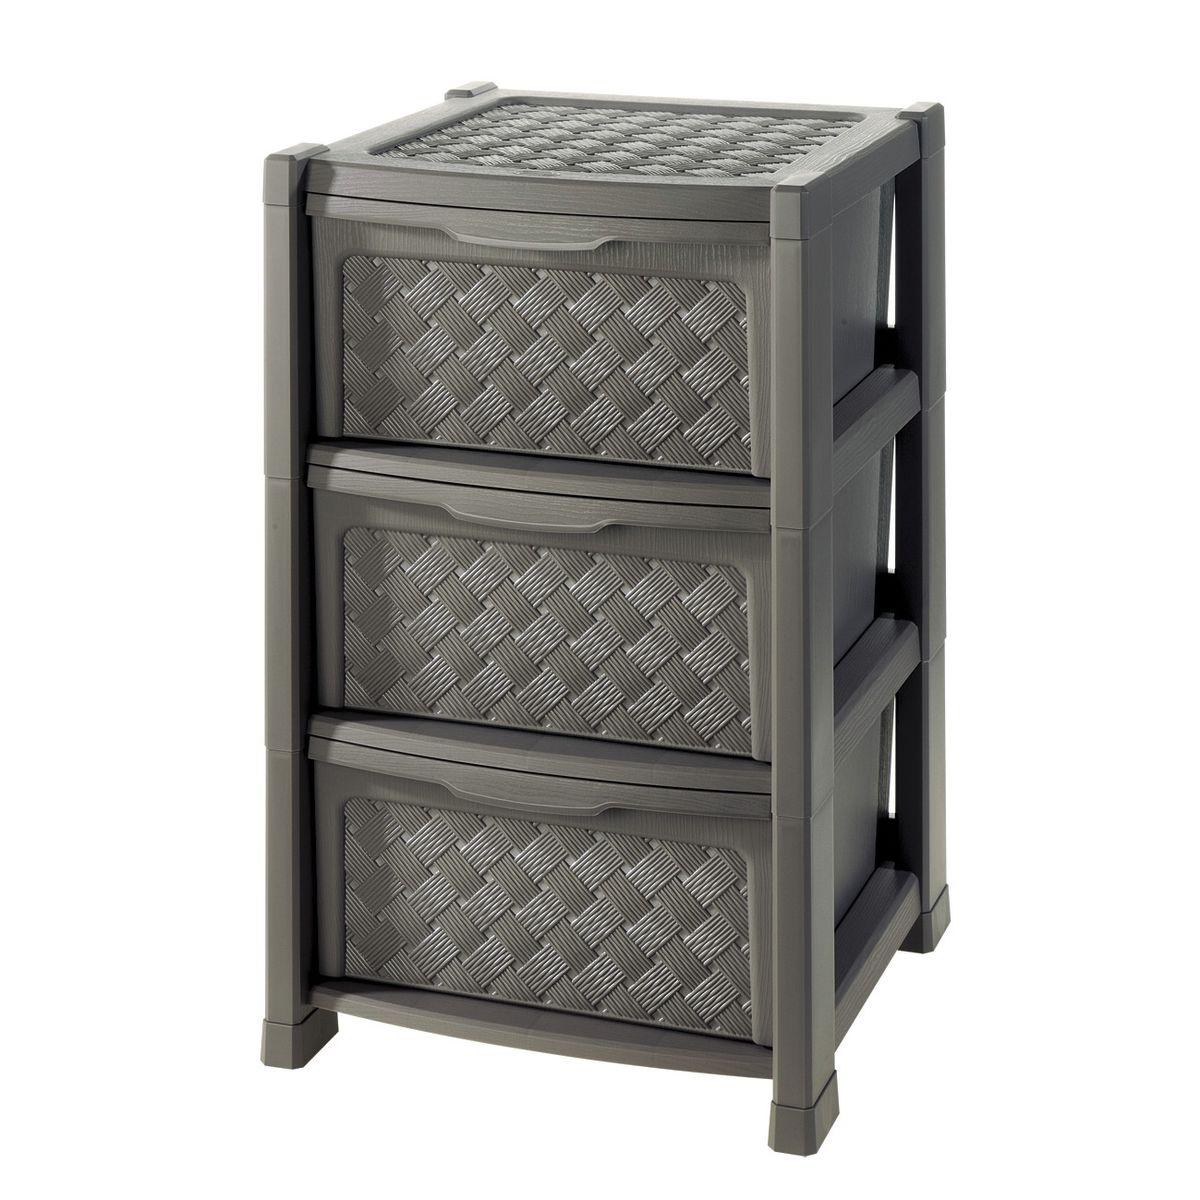 contenitori e cassettiere: prezzi e offerte online per contenitori e